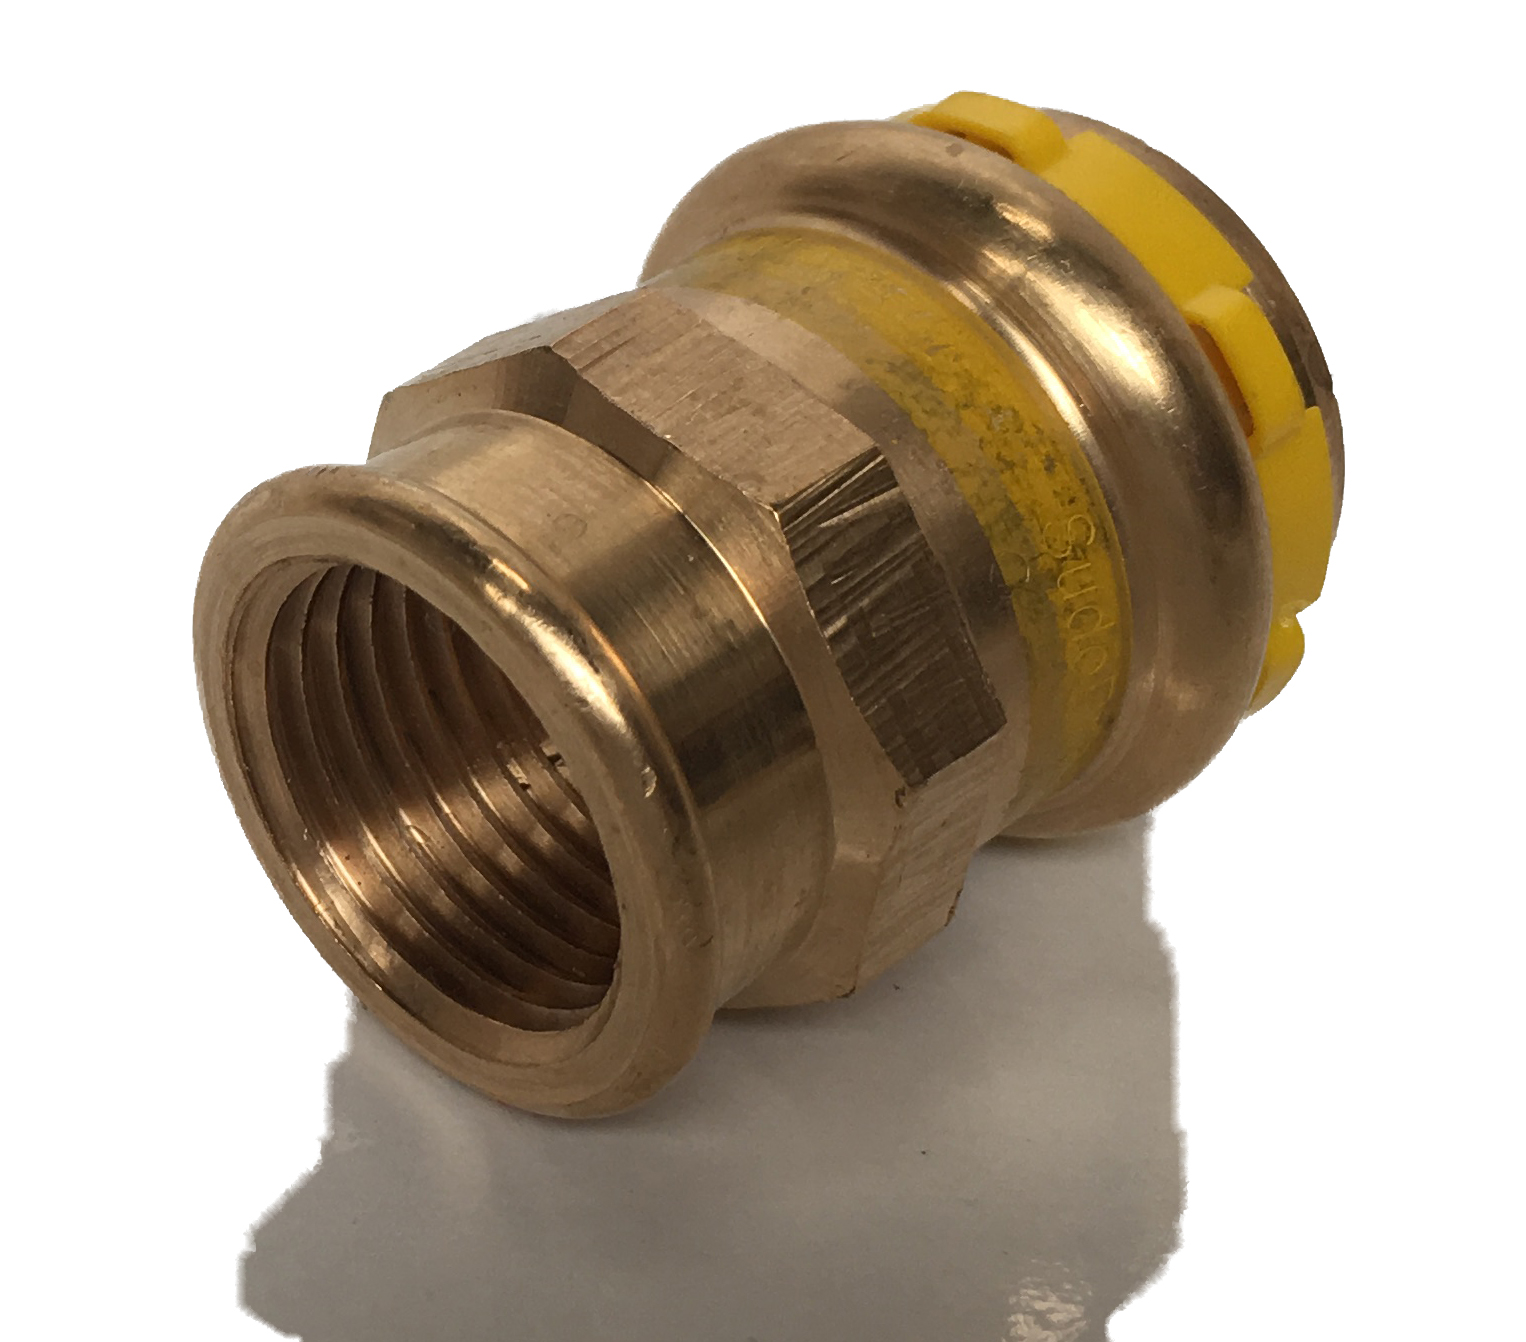 Straight fitting Copper Sudopress Press GAS 18x3/4F V-profile